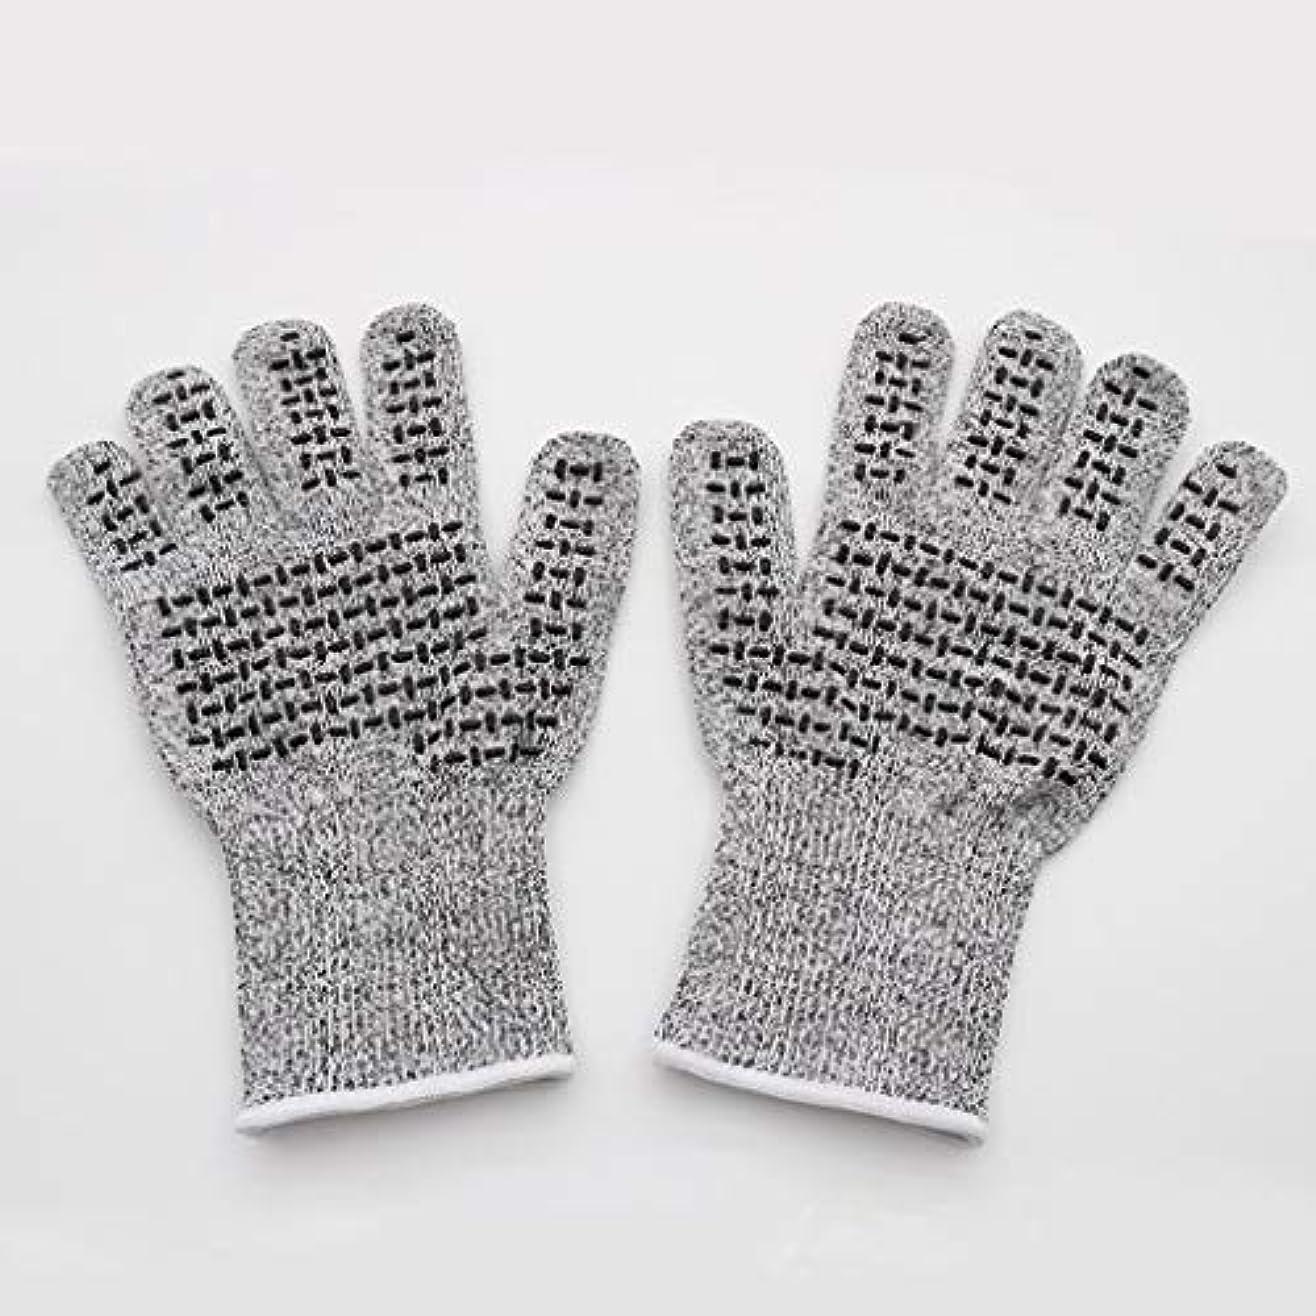 ライオネルグリーンストリート稼ぐライオネルグリーンストリートCONTDY 滑り止め保護手袋、抗切断肥厚手袋、商品の移動に適し、修理および耐久性 - 手袋